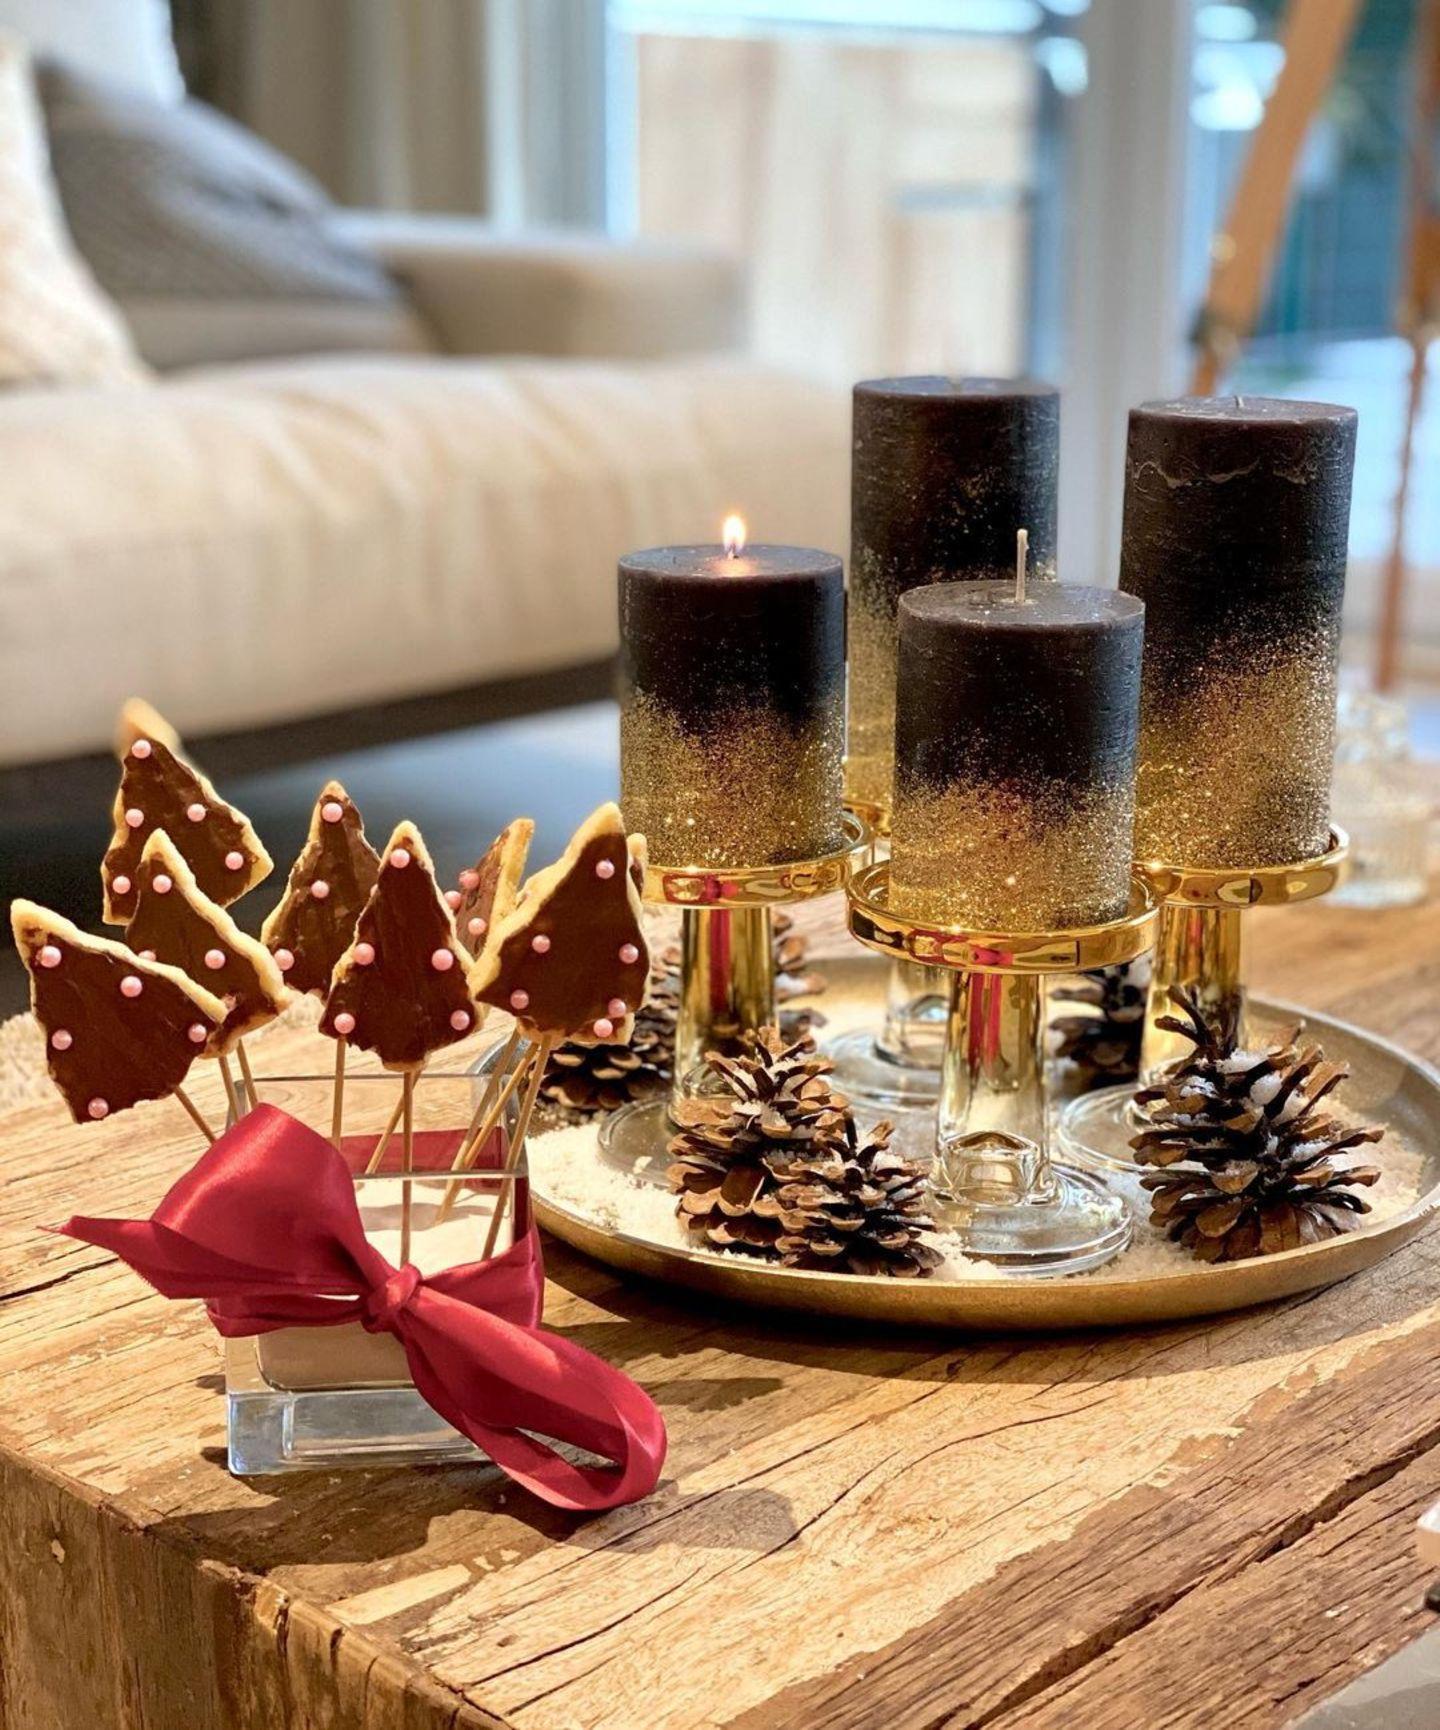 Für die gebürtige Brasilianerin Jana Ina Zarrella zählen viele Kekse und ein Adventskranz zu den schönsten deutschen Weihnachtstraditionen.